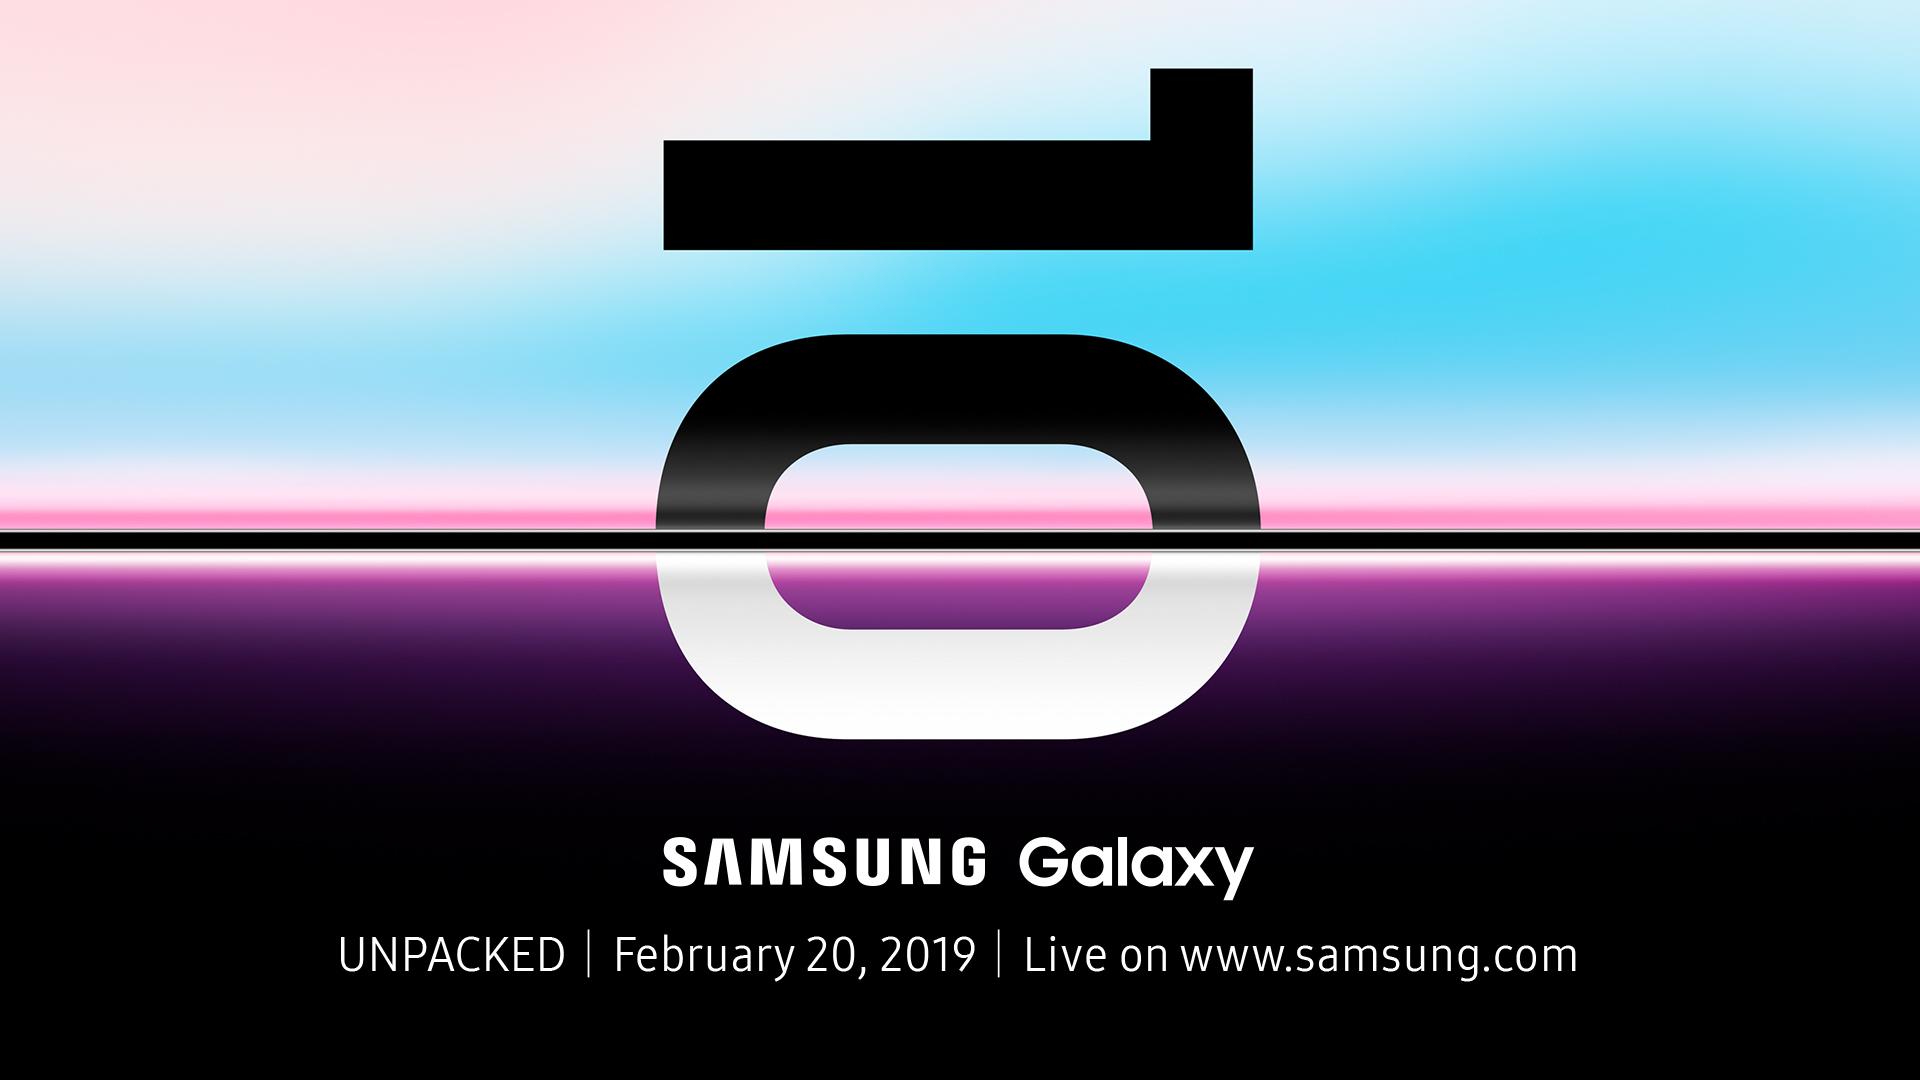 갤럭시 10년 역사상 역대급 스펙이라 평가 받는 갤럭시 S10이 2월 20일 공개된다.